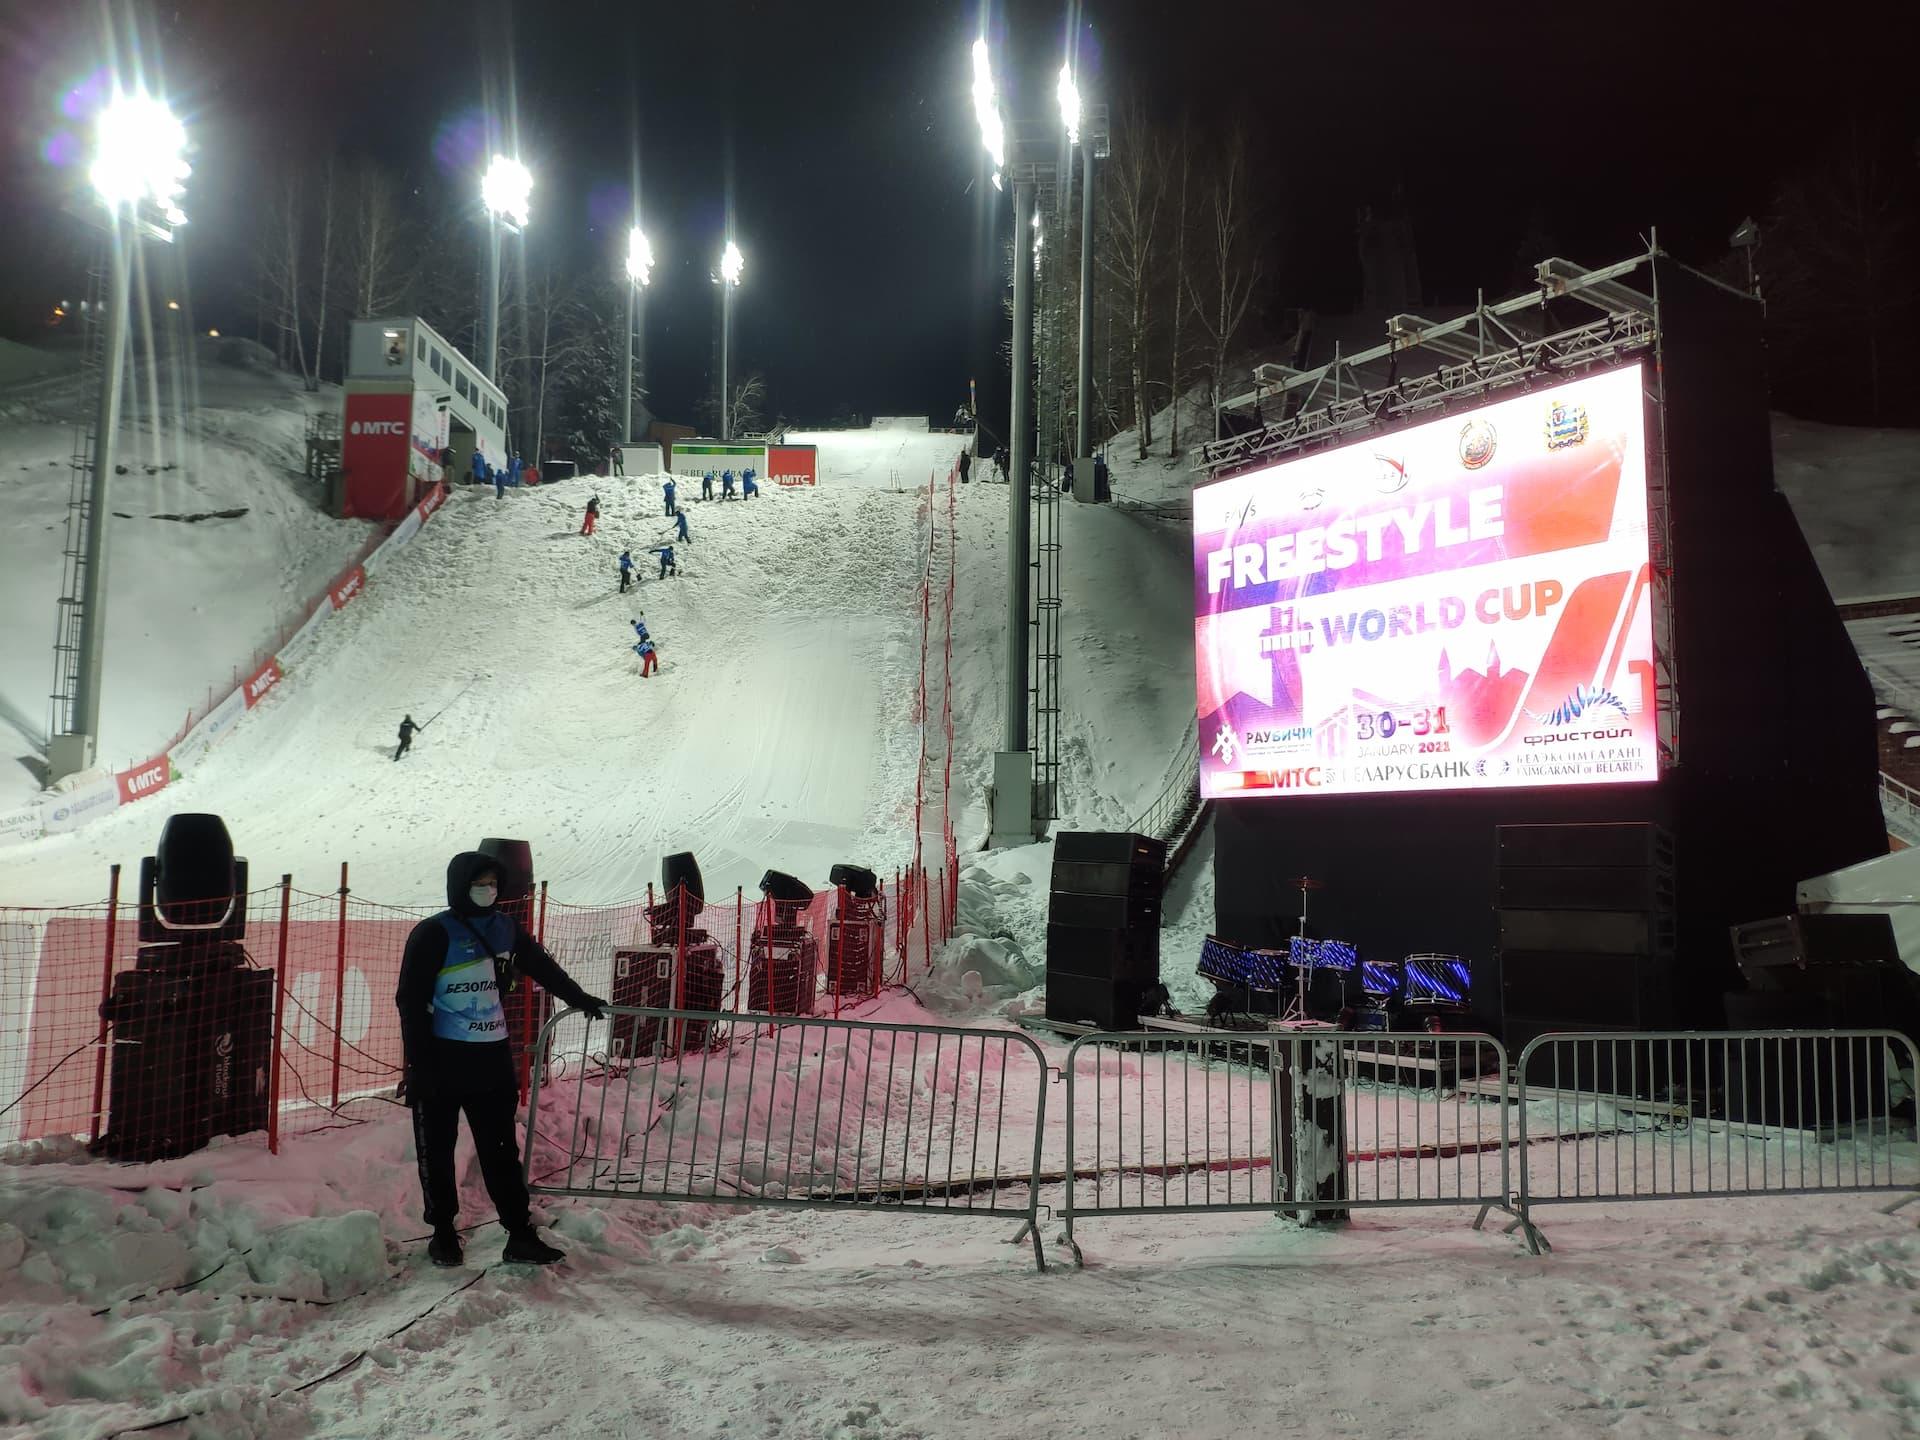 Светодиодный экран 6x4 на этапе Кубка мира по фристайлу